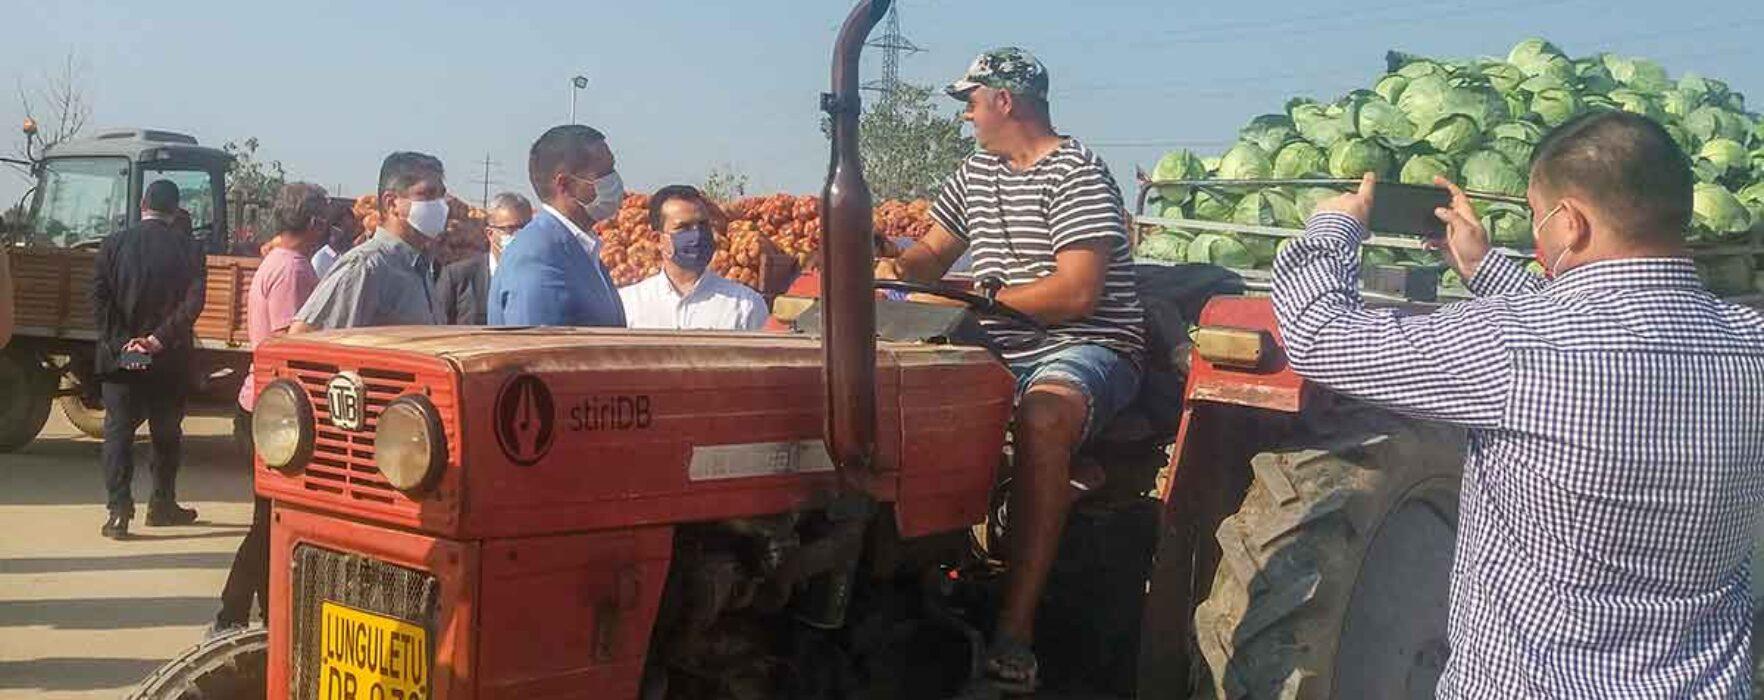 Locale2020 Reprezentanţii PSD Dâmboviţa susţin construirea unui depozit de legume şi a unei fabrici de amidon la Lunguleţu